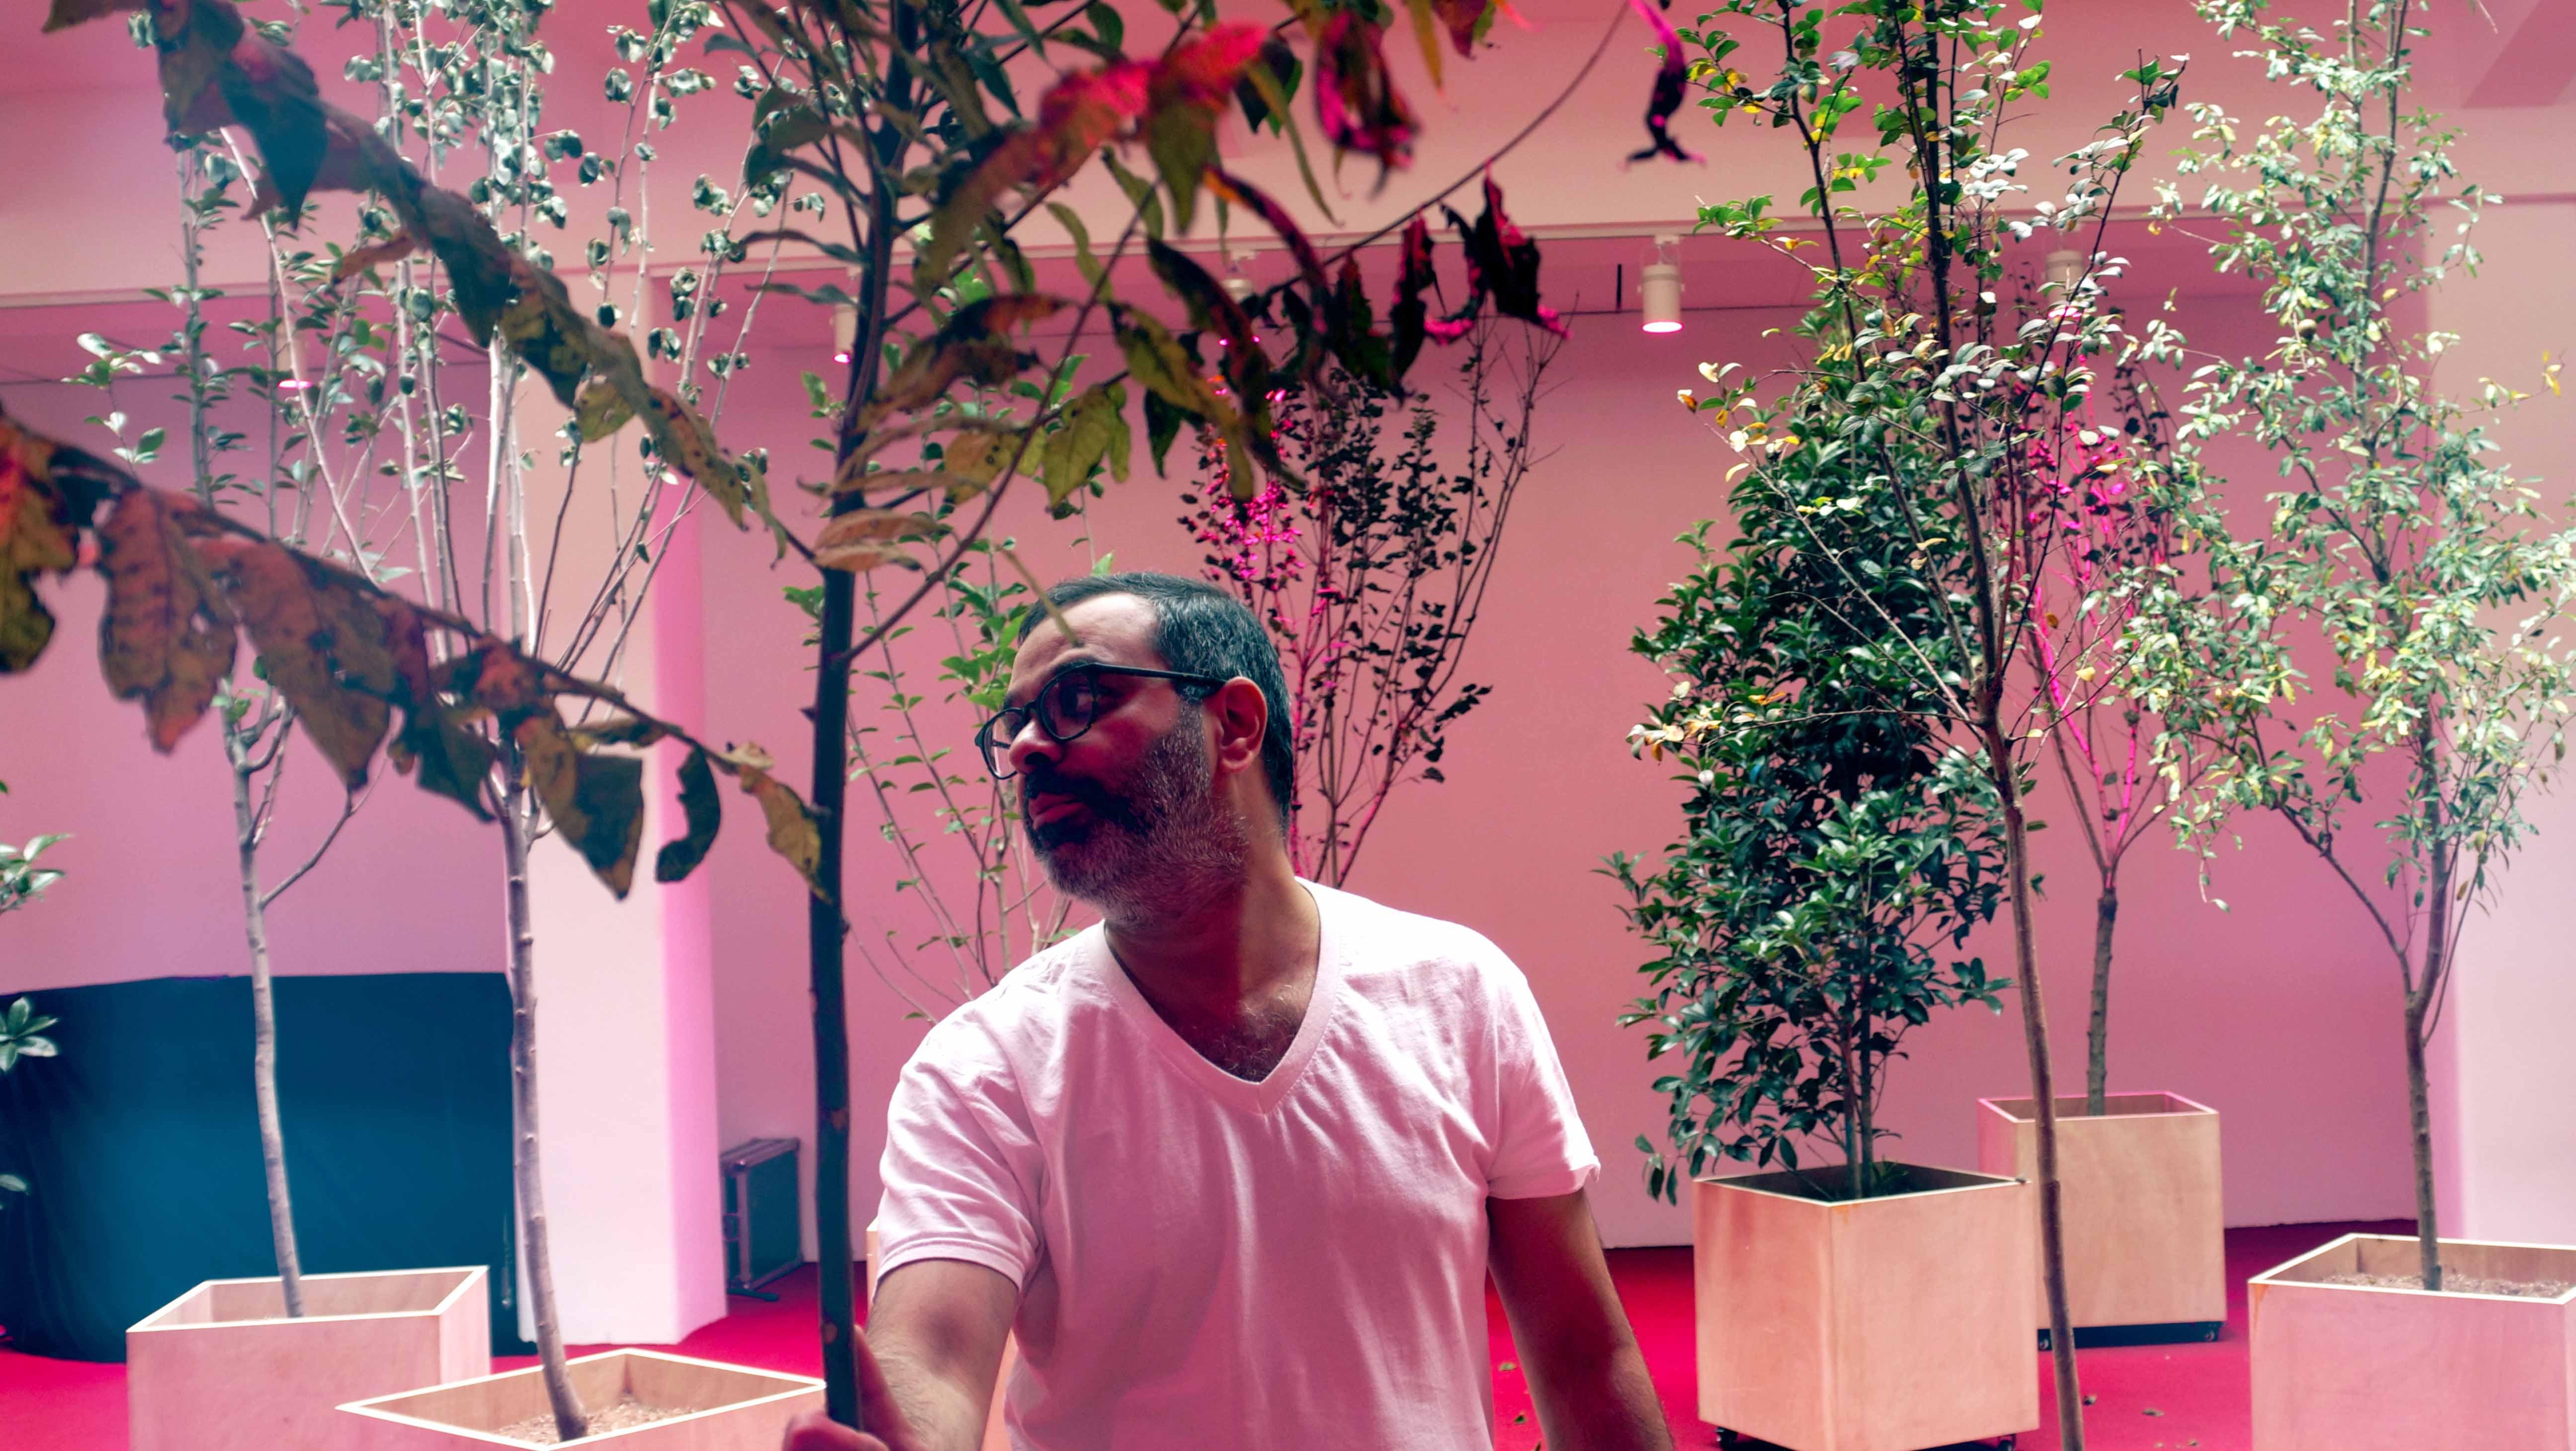 【新闻图片】知名艺术家阿萨德·拉扎与其装置艺术作品《根序列。母语》